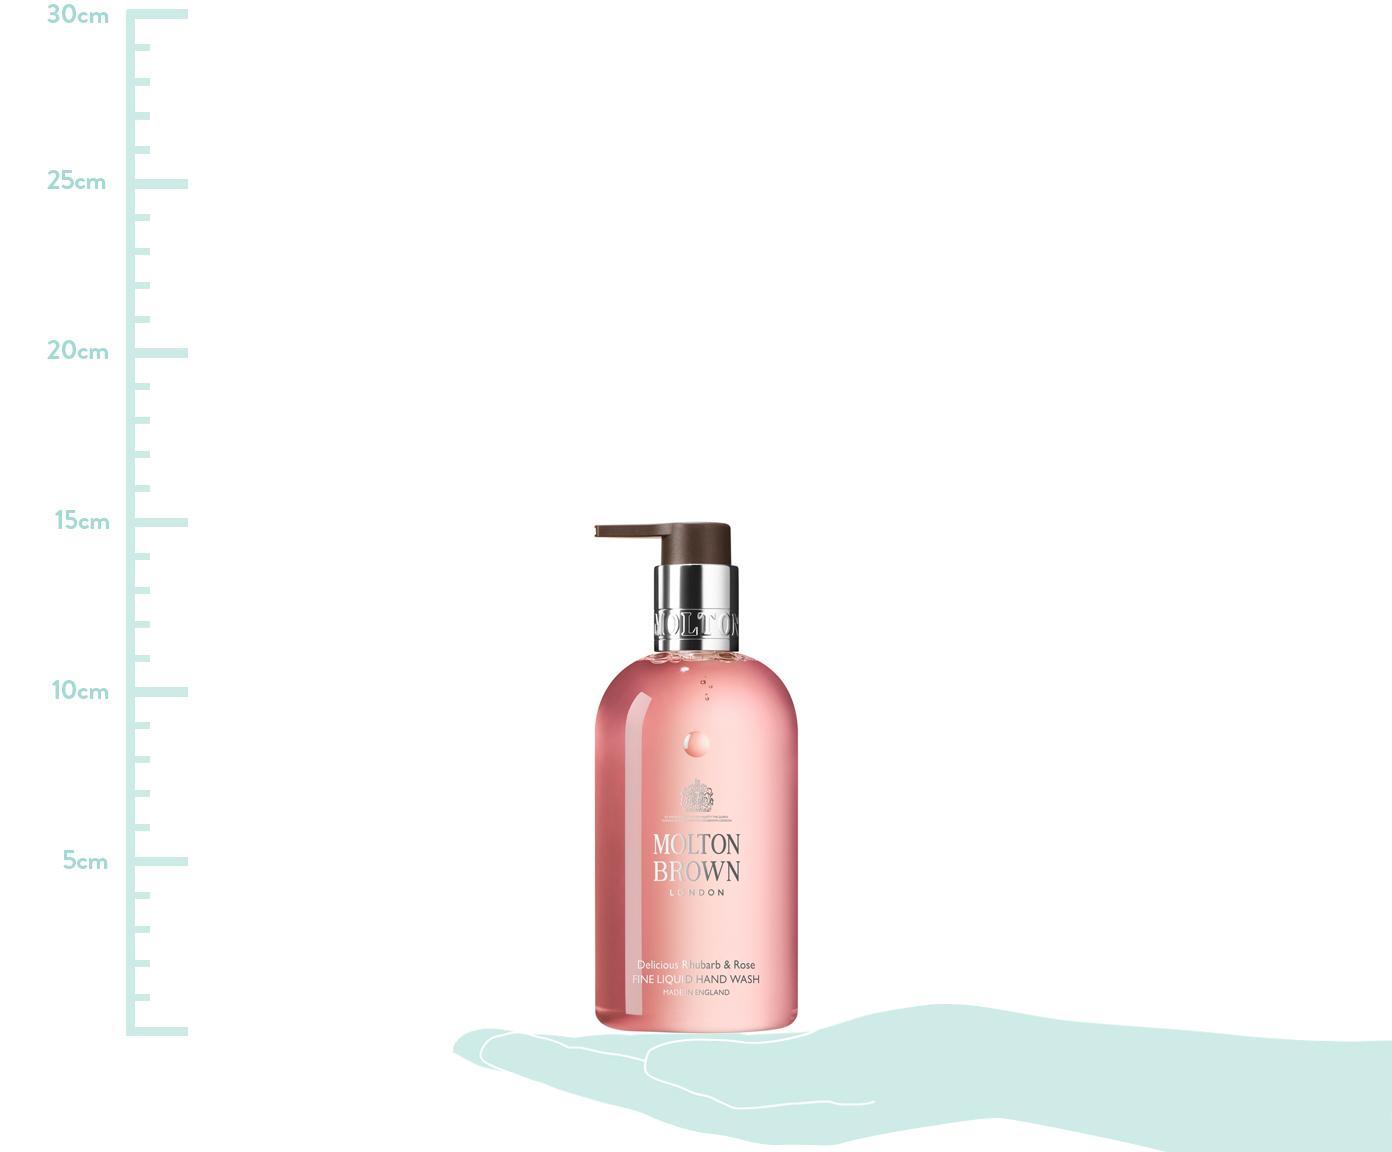 Flüssige Handseife Molton (Rhabarber & Rose), Behälter: Recycelbarer Kunststoff, Rosa, Ø 6 x H 15 cm